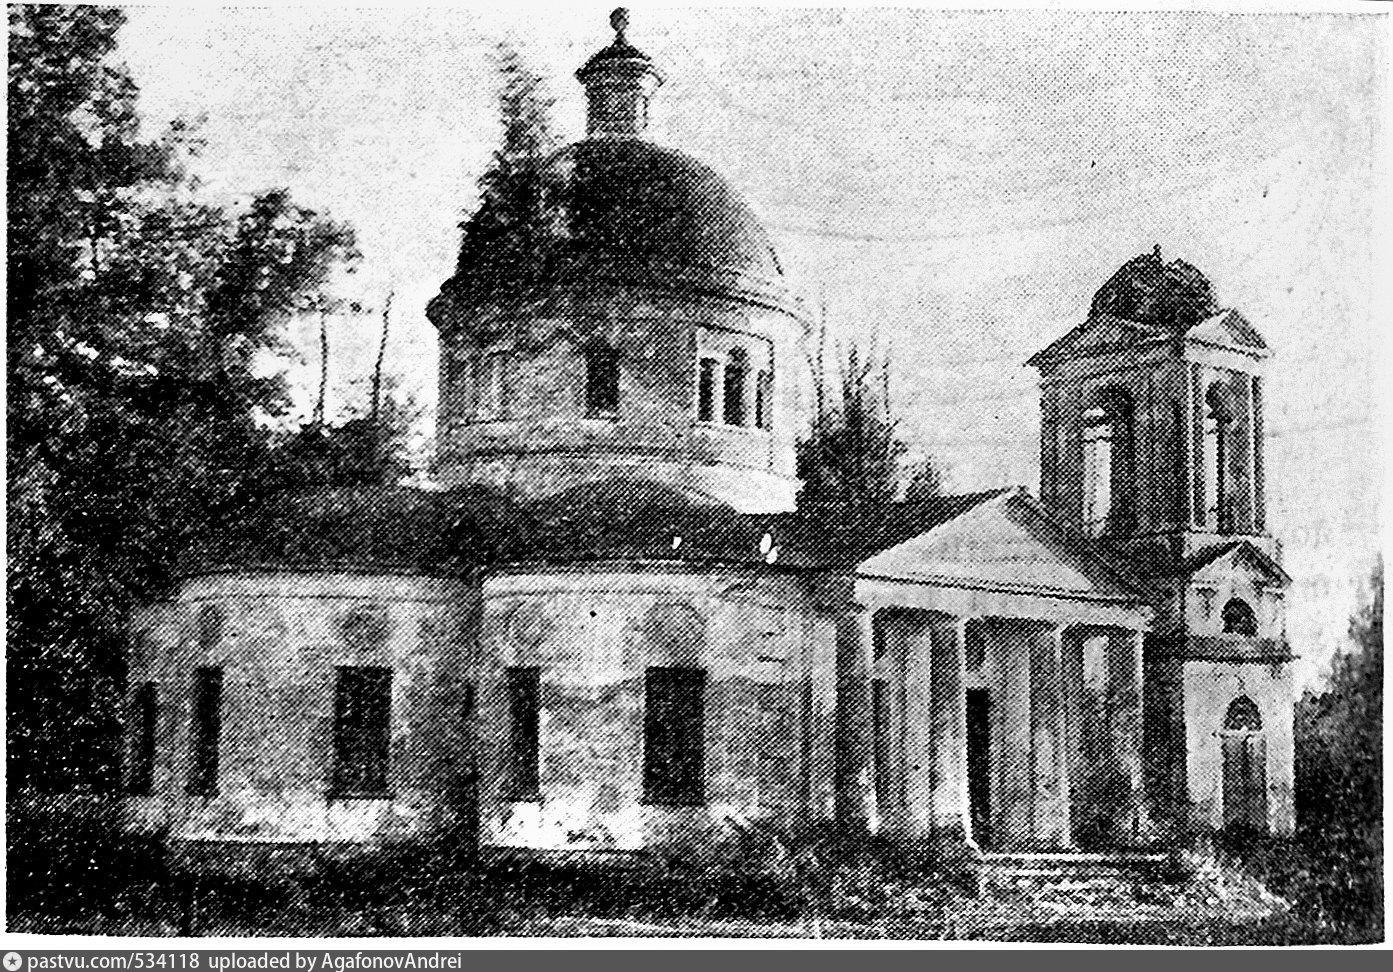 Фото 1950 – 1975гг. Видно. что купола и церкви и колокольни восстановлены с нарушением пропорций.